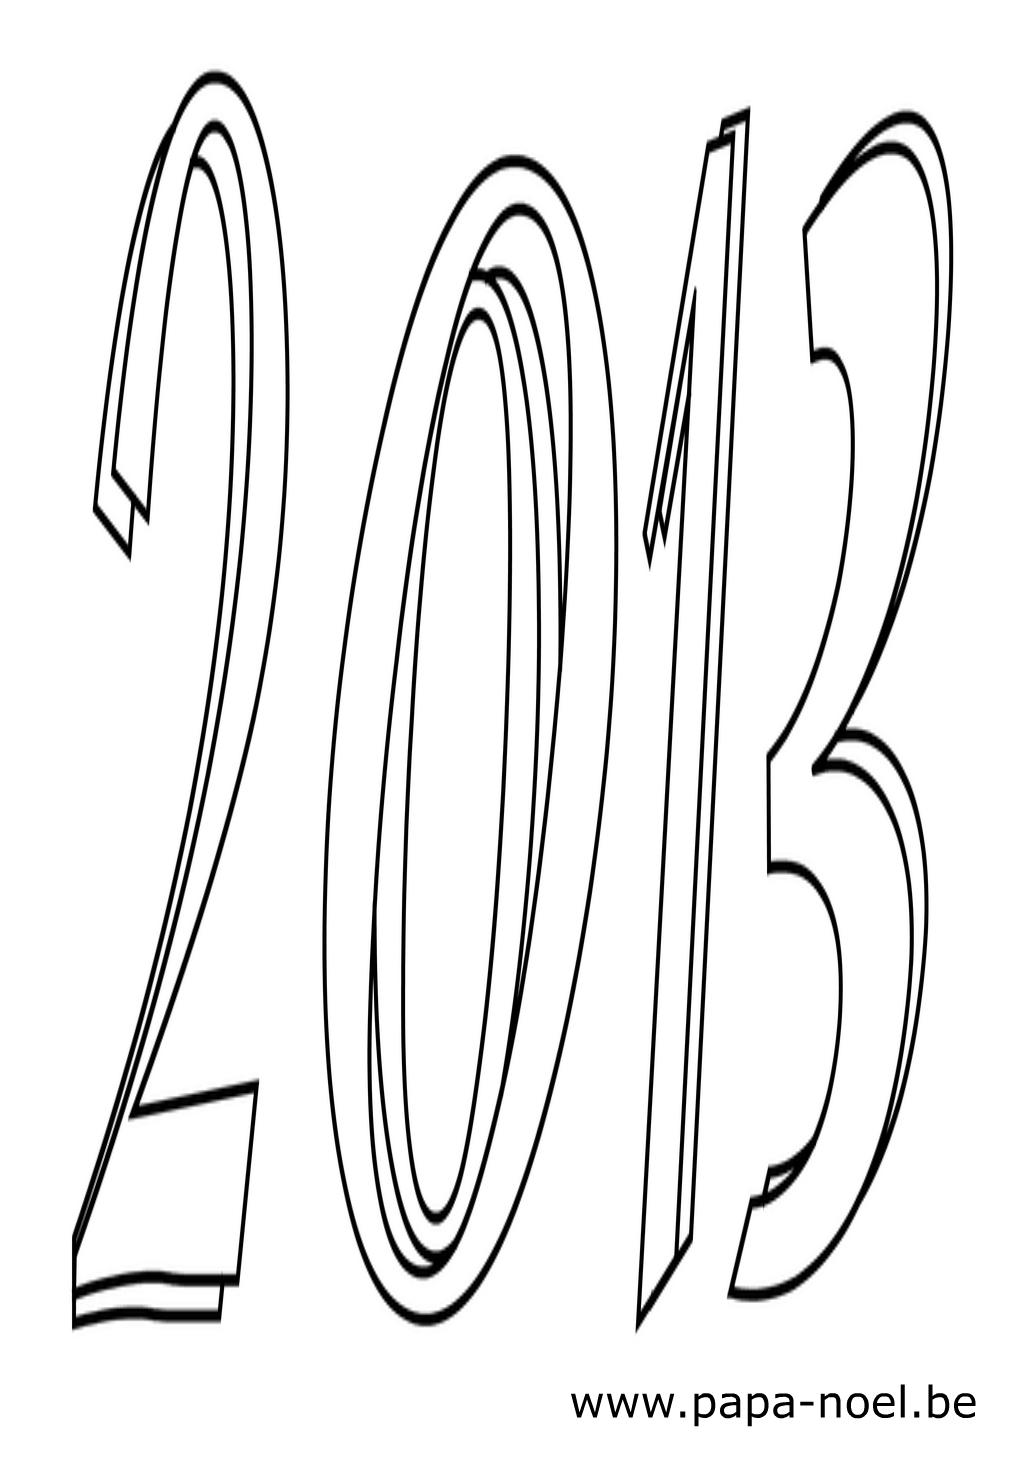 Dessin 2013 en chiffres pour faire une carte de nouvel an